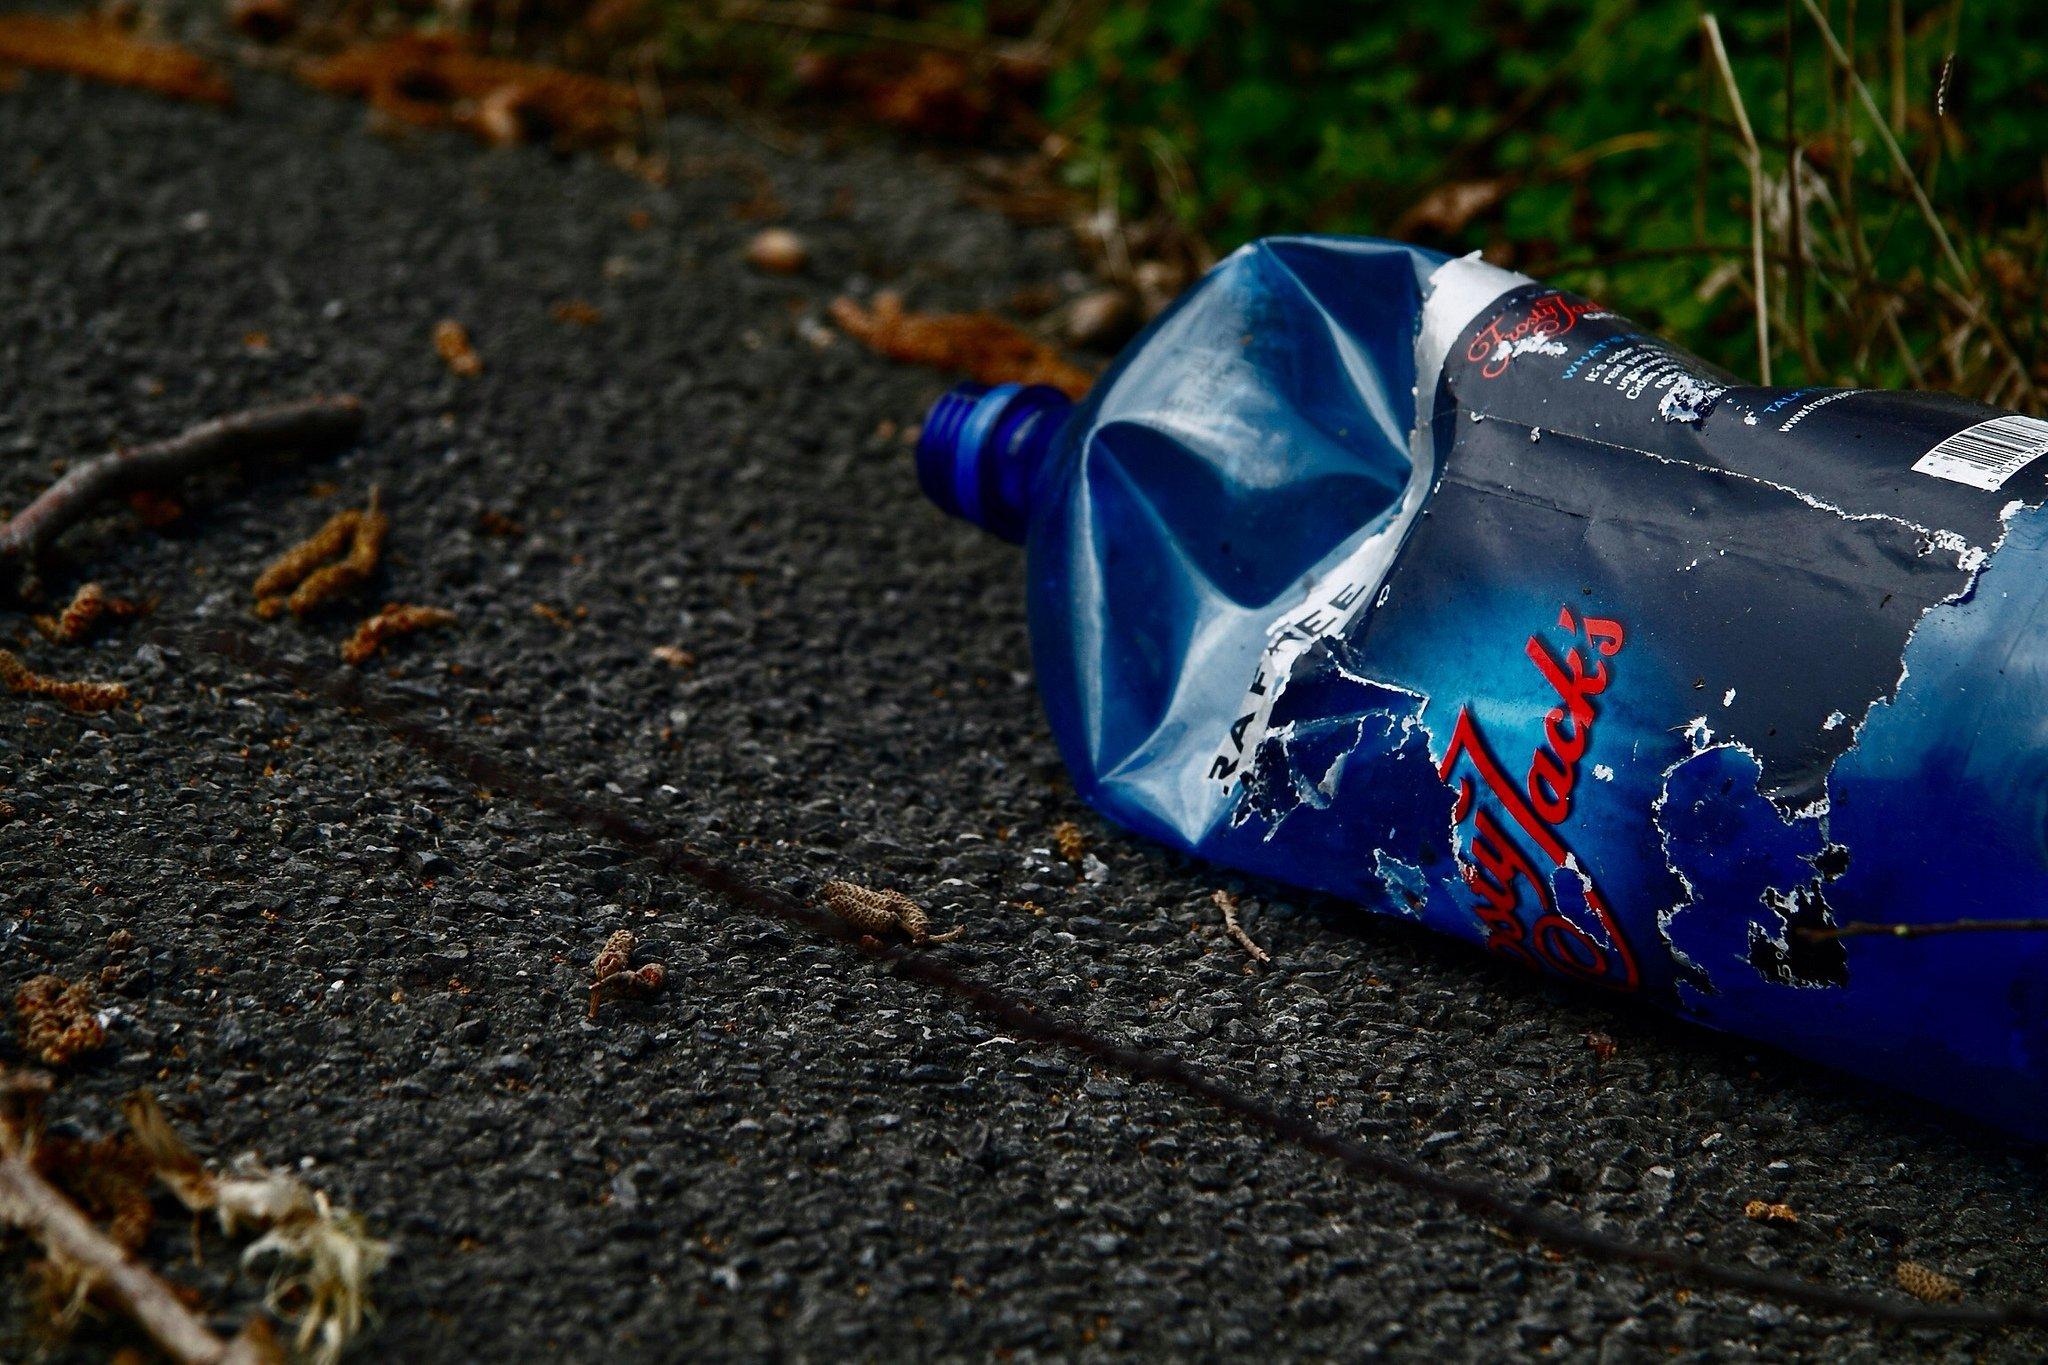 plastic bottle_litter_uk_flickr